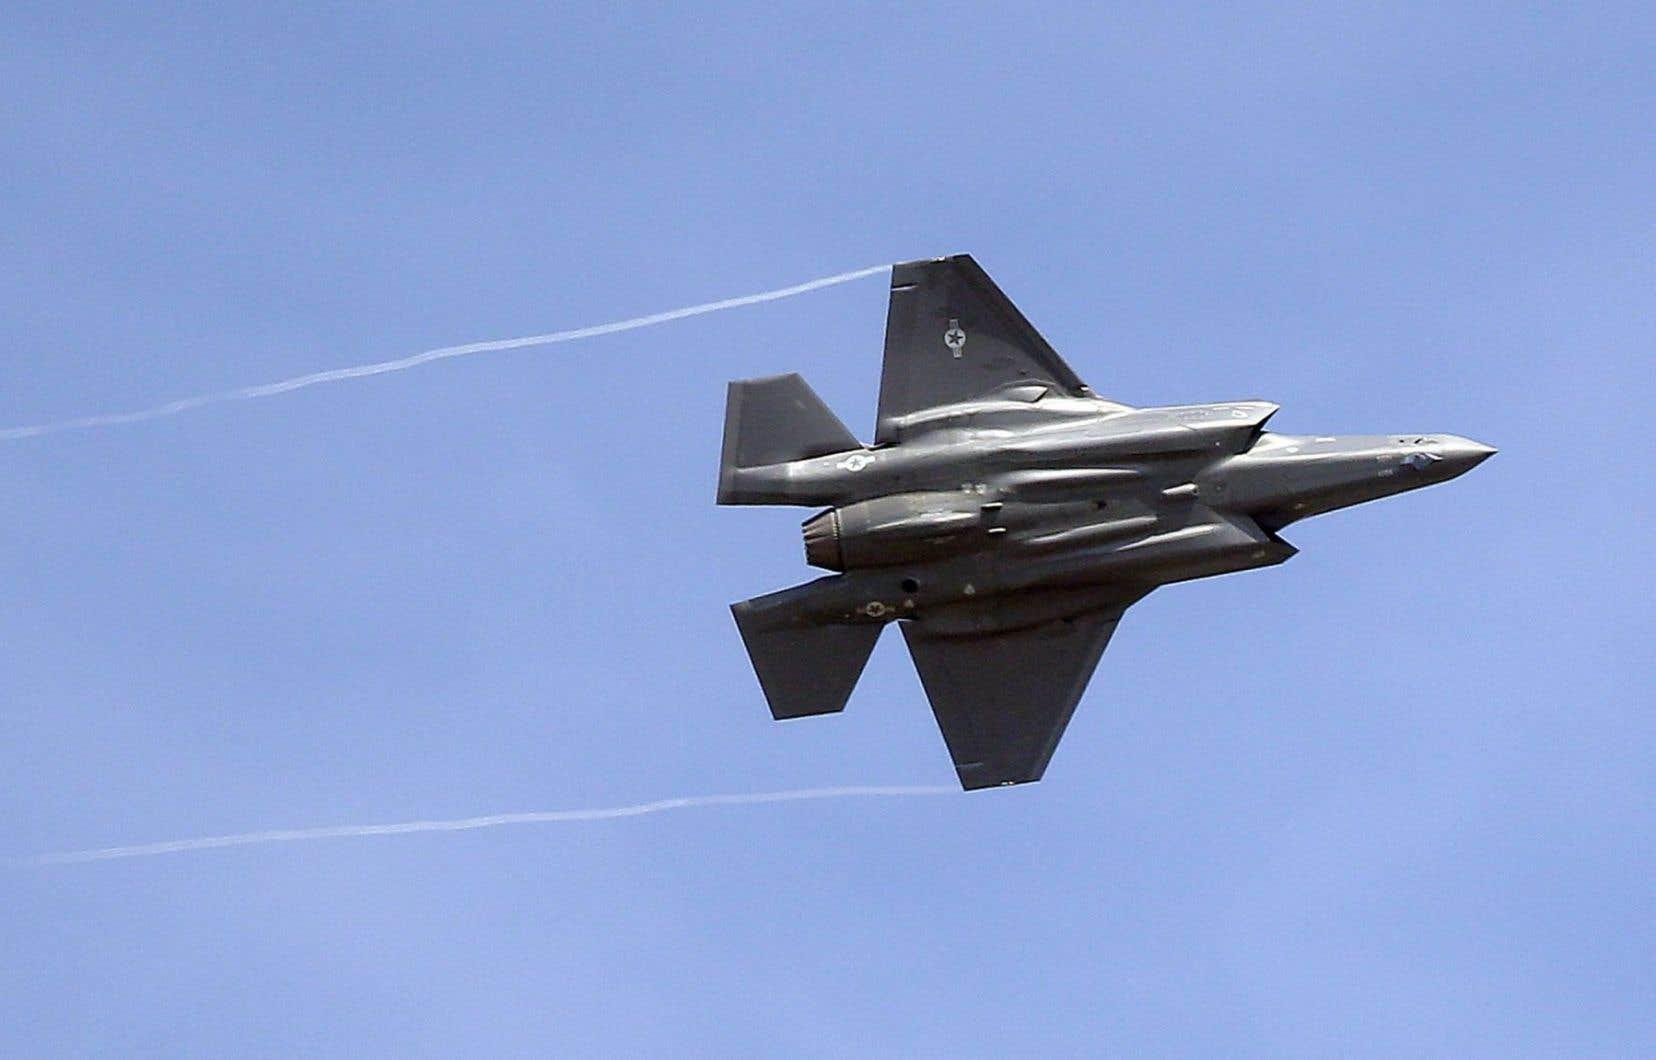 Le gouvernement fédéral cherche à acquérier des F-35 pour remplacer ses F-18 viellissants.